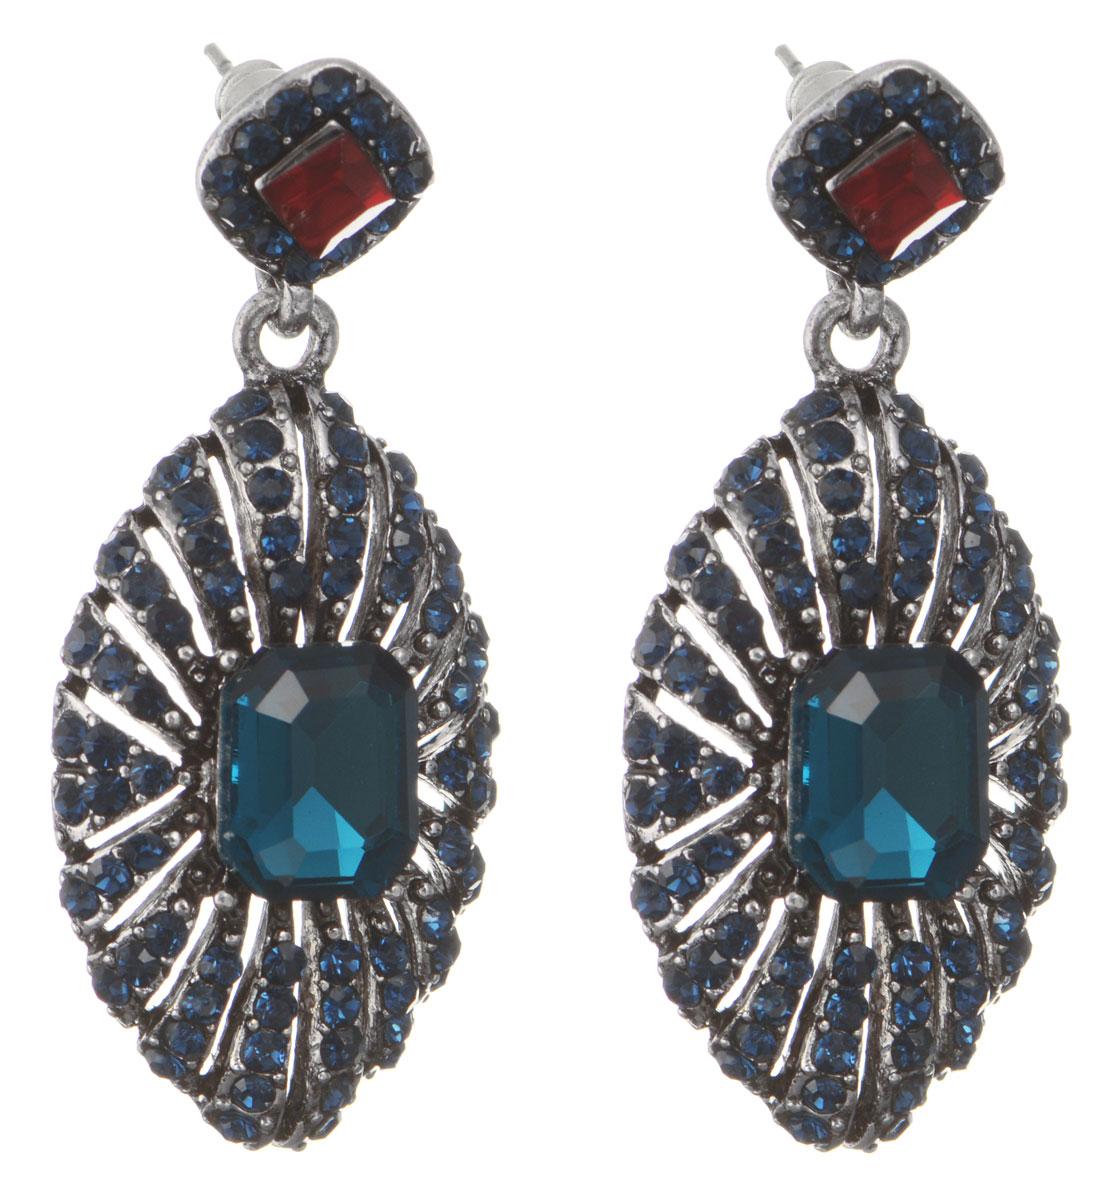 Серьги Taya, цвет: серебристый, синий. T-B-10556-EARR-D.BLUET-B-10556-EARR-D.BLUEОригинальные серьги Taya, выполненные из металлического сплава в виде подвесок овальной формы щедро декорированных крупными и мелкими стразами, придадут вашему образу изюминку, подчеркнут красоту или преобразят повседневный наряд. Застегиваются на замок-гвоздик с пластиковой заглушкой. Такие серьги позволит вам с легкостью воплотить самую смелую фантазию и создать собственный, неповторимый образ.